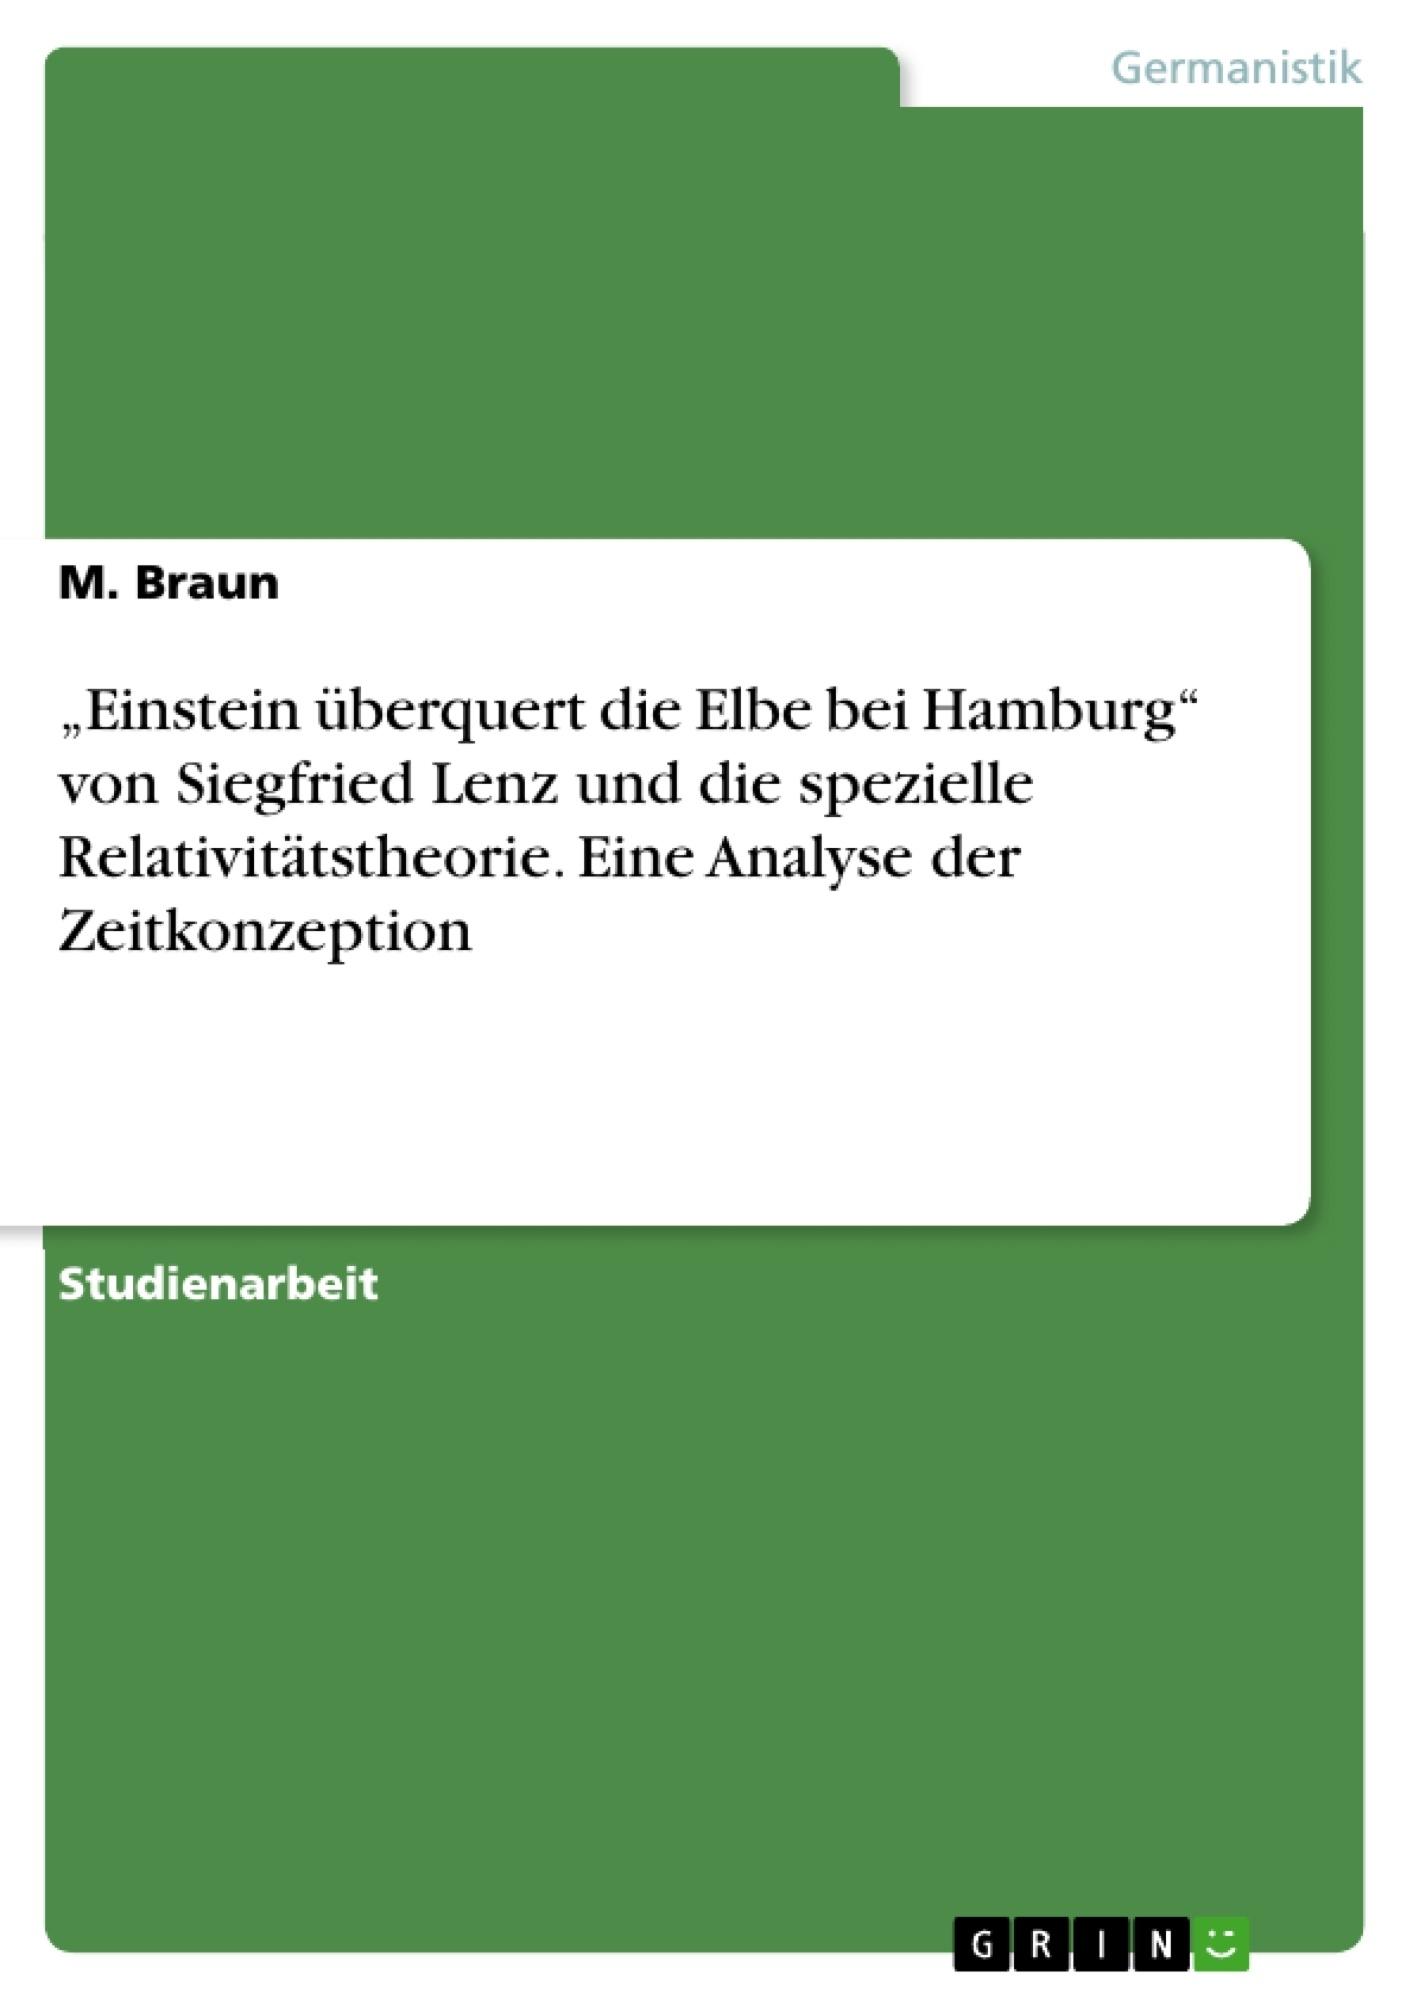 """Titel: """"Einstein überquert die Elbe bei Hamburg"""" von Siegfried Lenz und die spezielle Relativitätstheorie. Eine Analyse der Zeitkonzeption"""